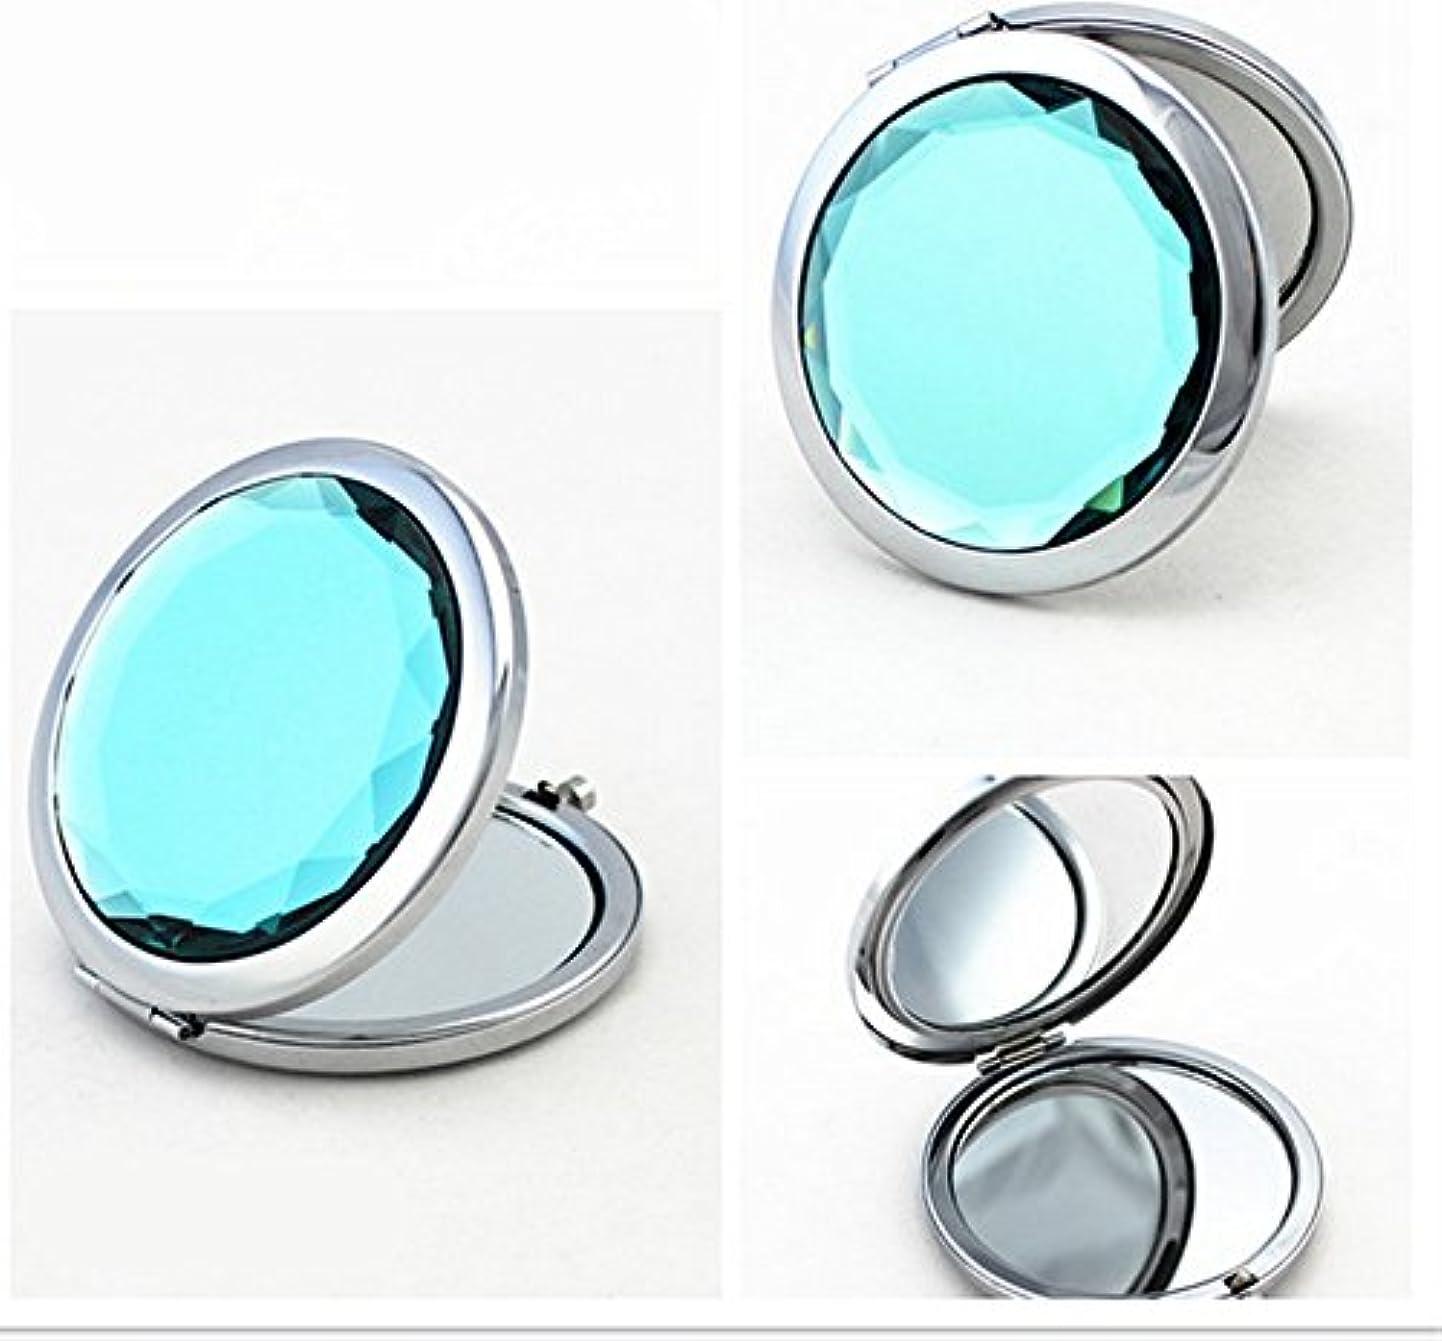 やりがいのある邪魔する劇作家SHINA 宝石飾りのコンパクトミラー クリスタル調化粧鏡拡大鏡付き 丸型の折りたたみ鏡 化粧箱入りミラー 手鏡 おしゃれの小物 (mirror-1-A)